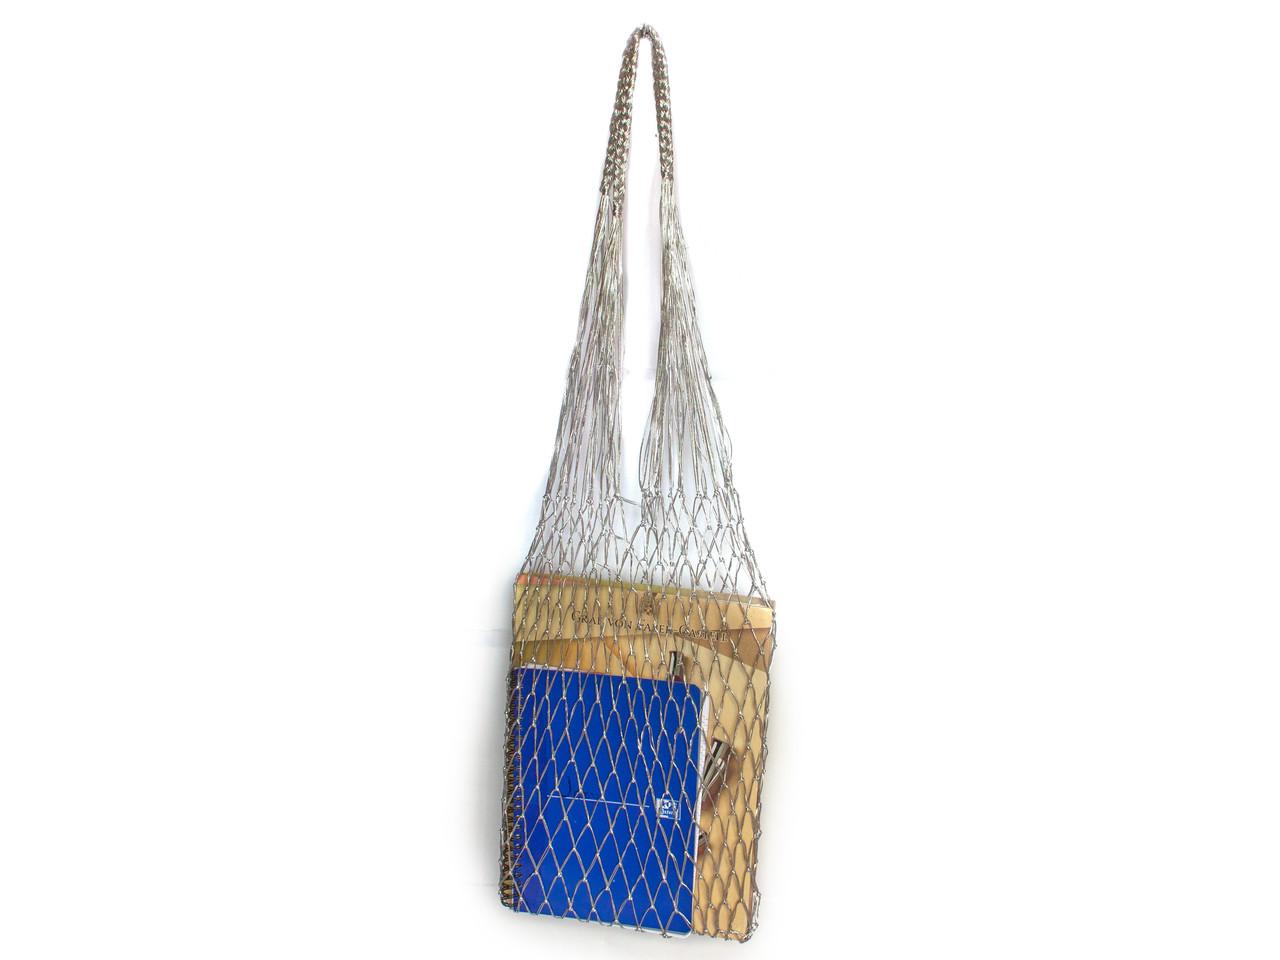 Сумка на плечо - Серебряная сумка - Подарочная сумка - Авоська - Сумка для вечеринок